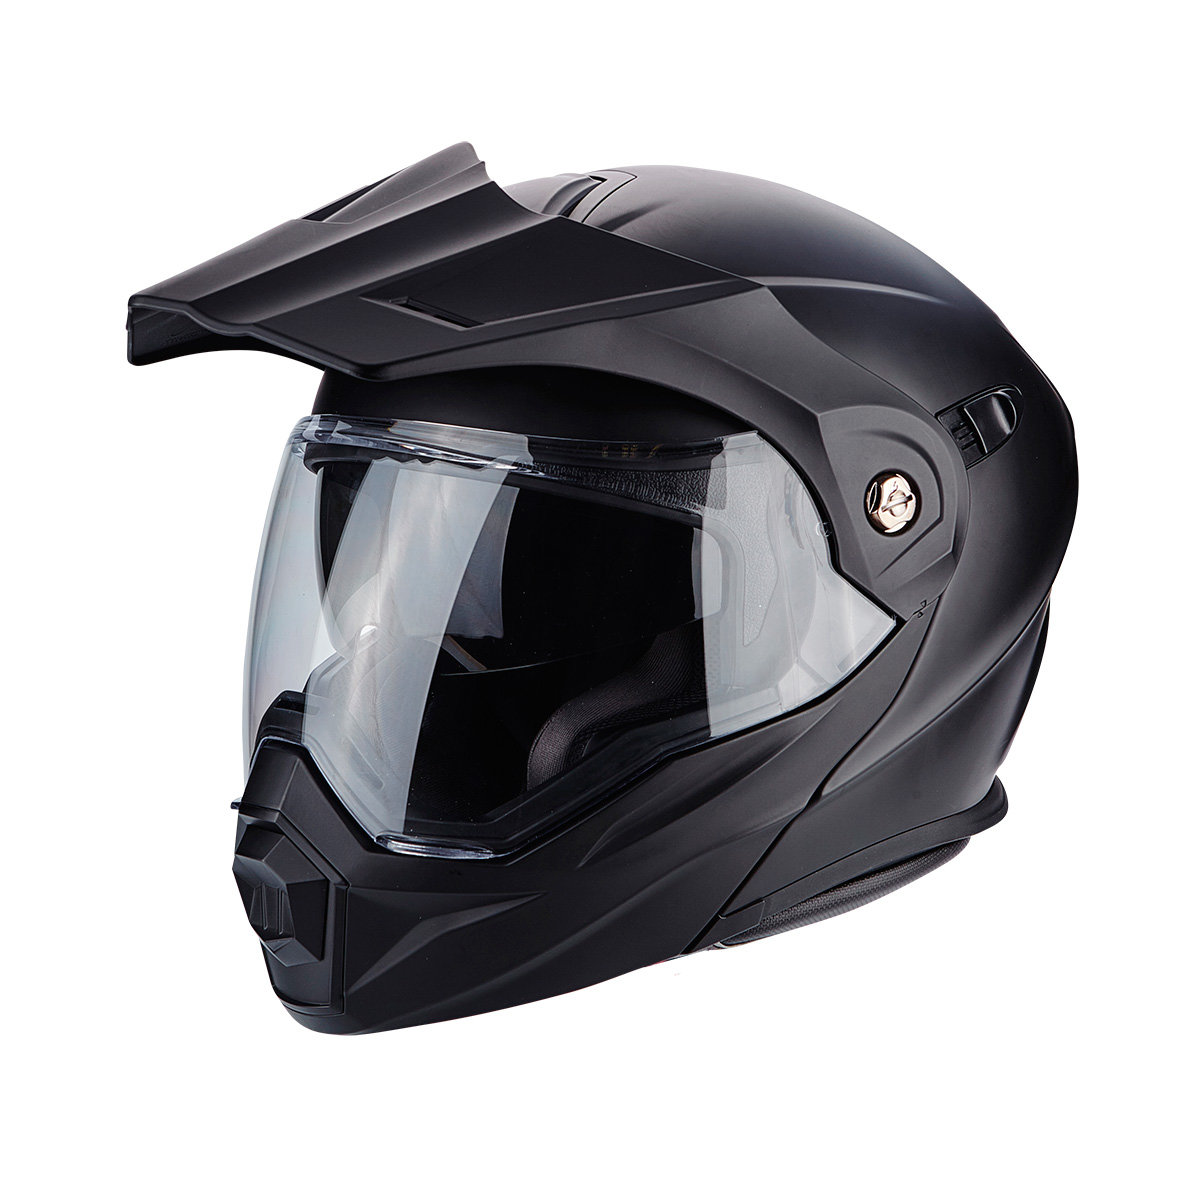 Scorpion Exo Мотошлем Adx-1 Solid, Цвет Черный Матовый